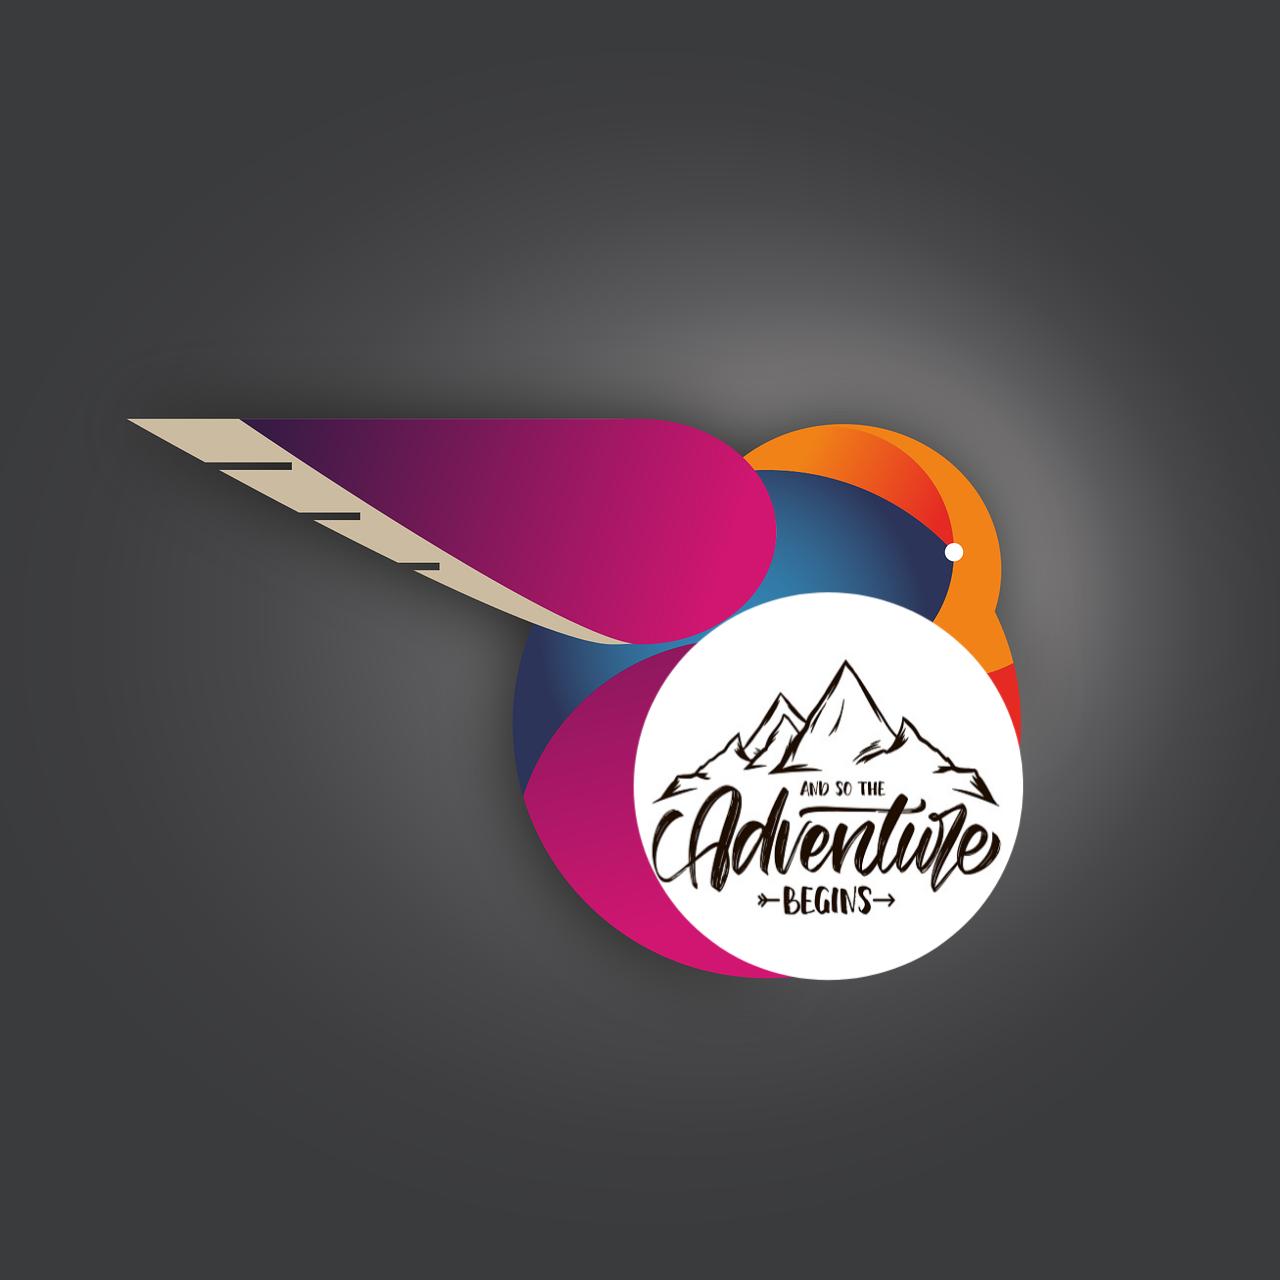 I have designed logo professionally